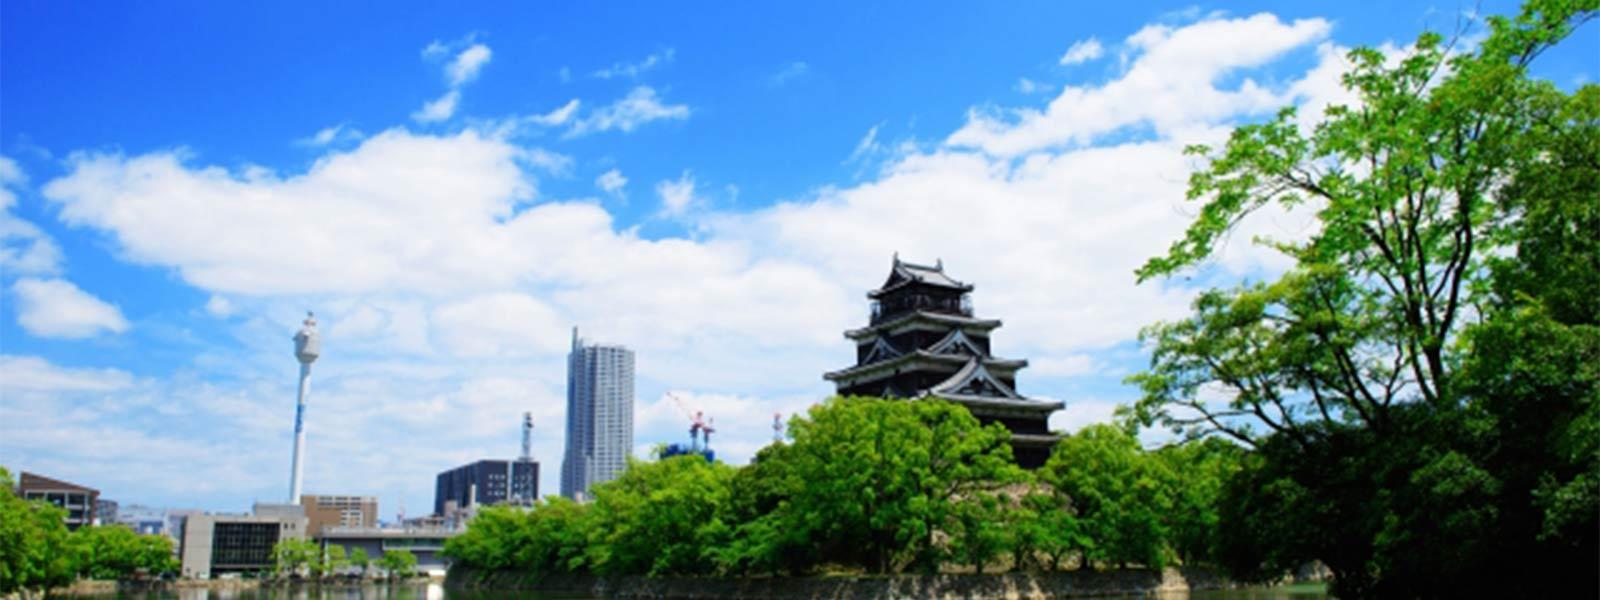 広島城が見える風景